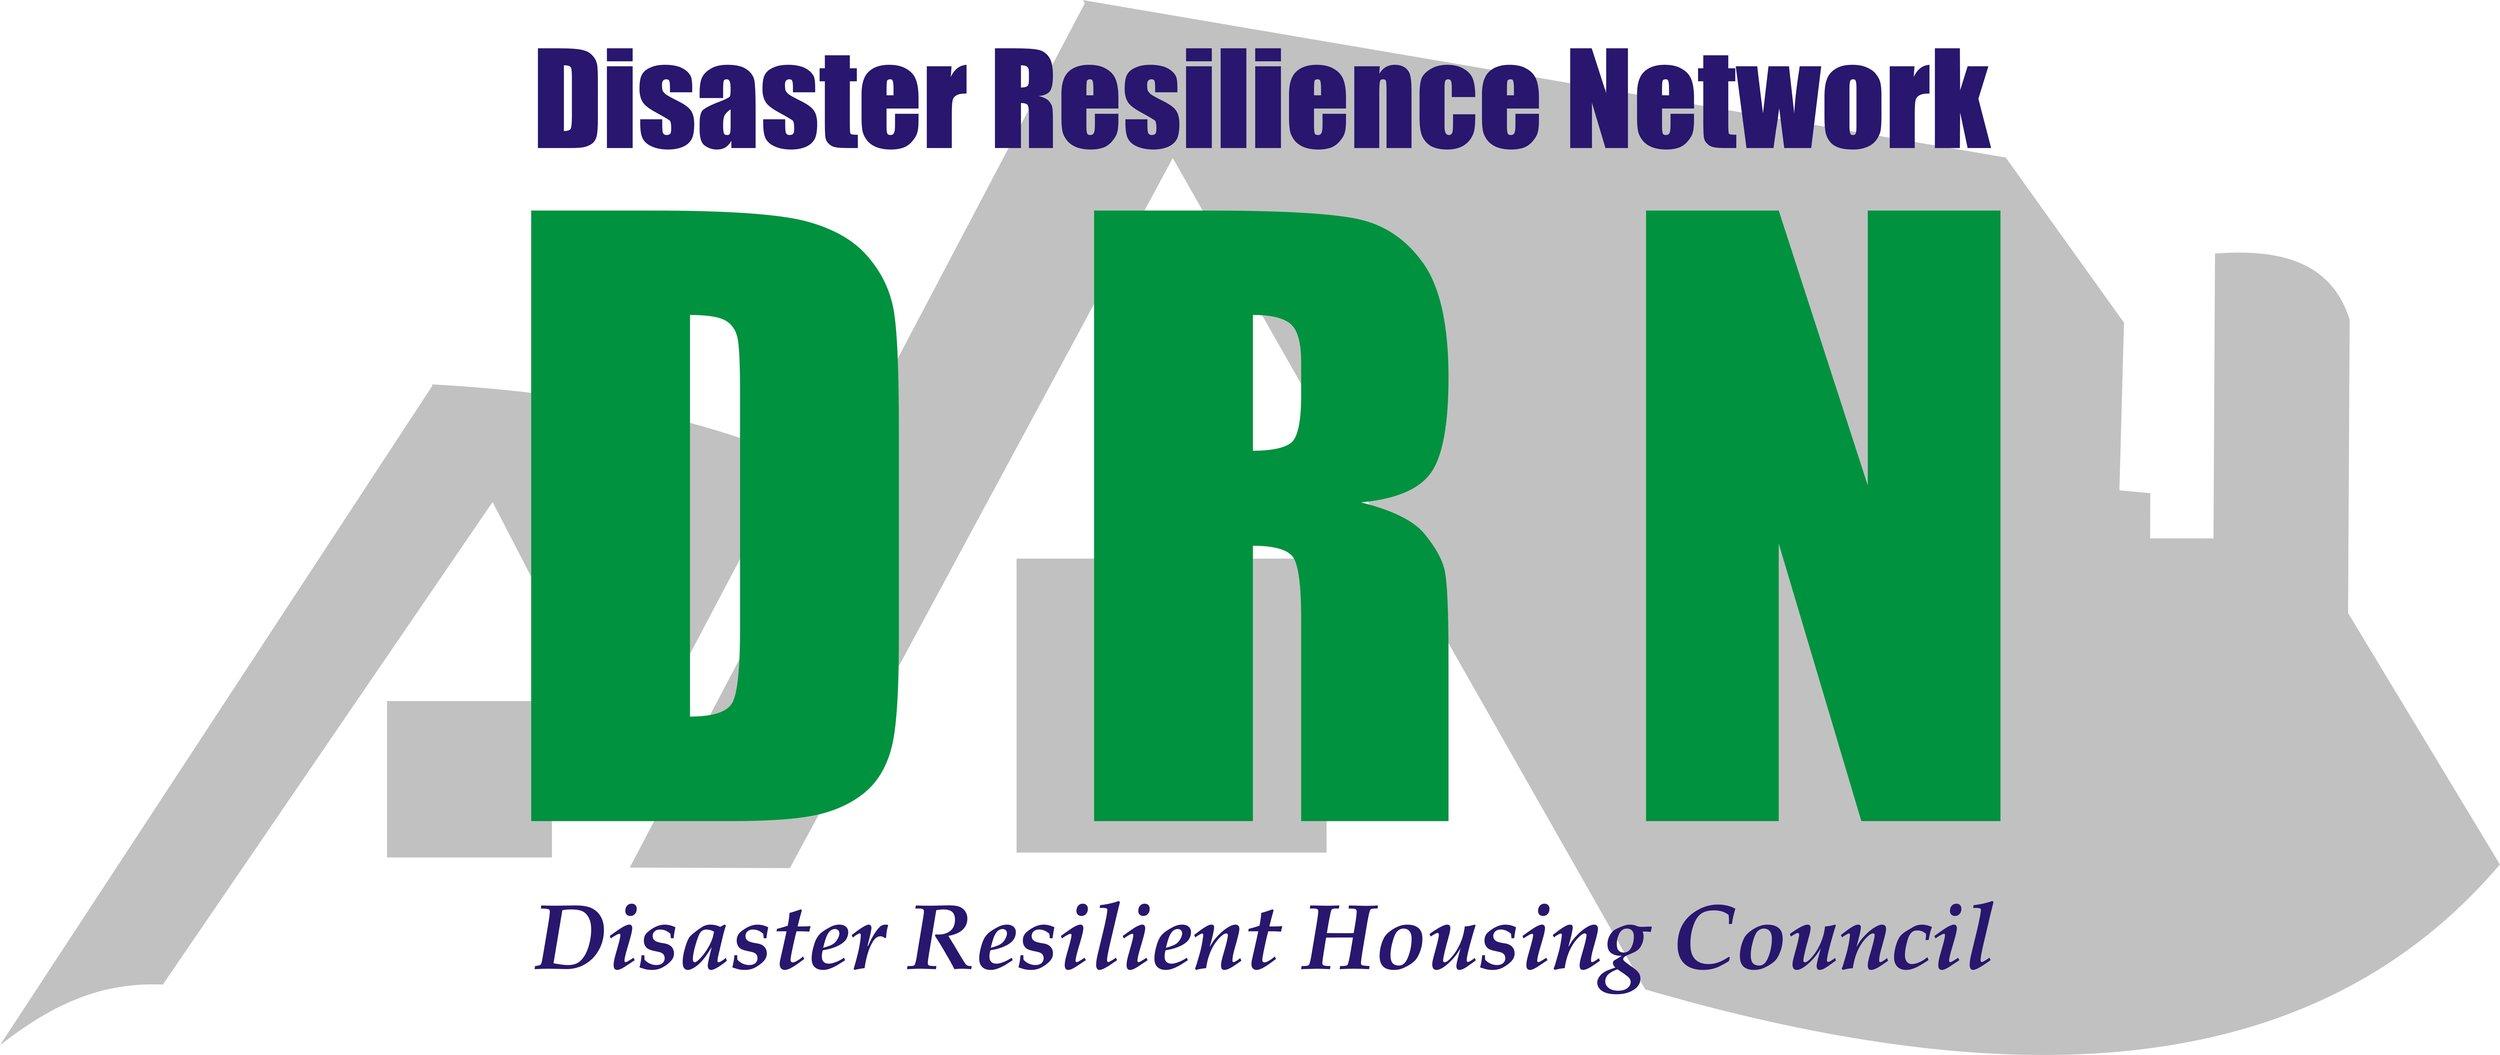 DRHC logo hd.jpg